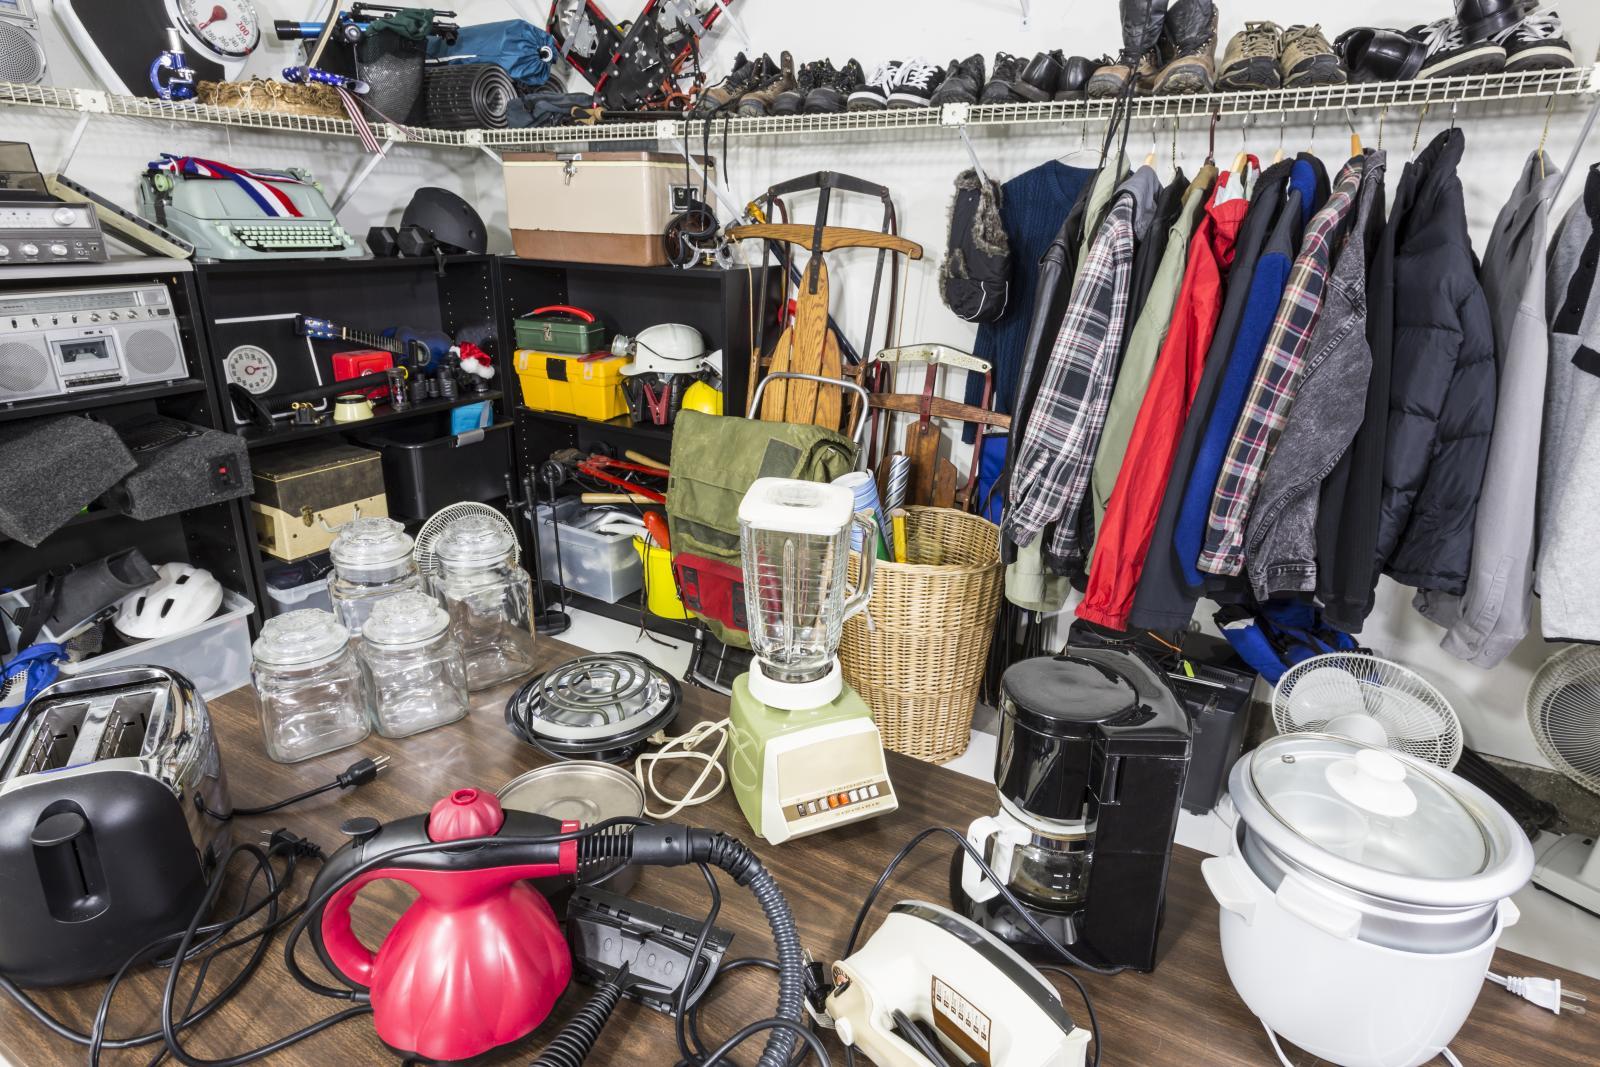 Garage sale in a storage unit